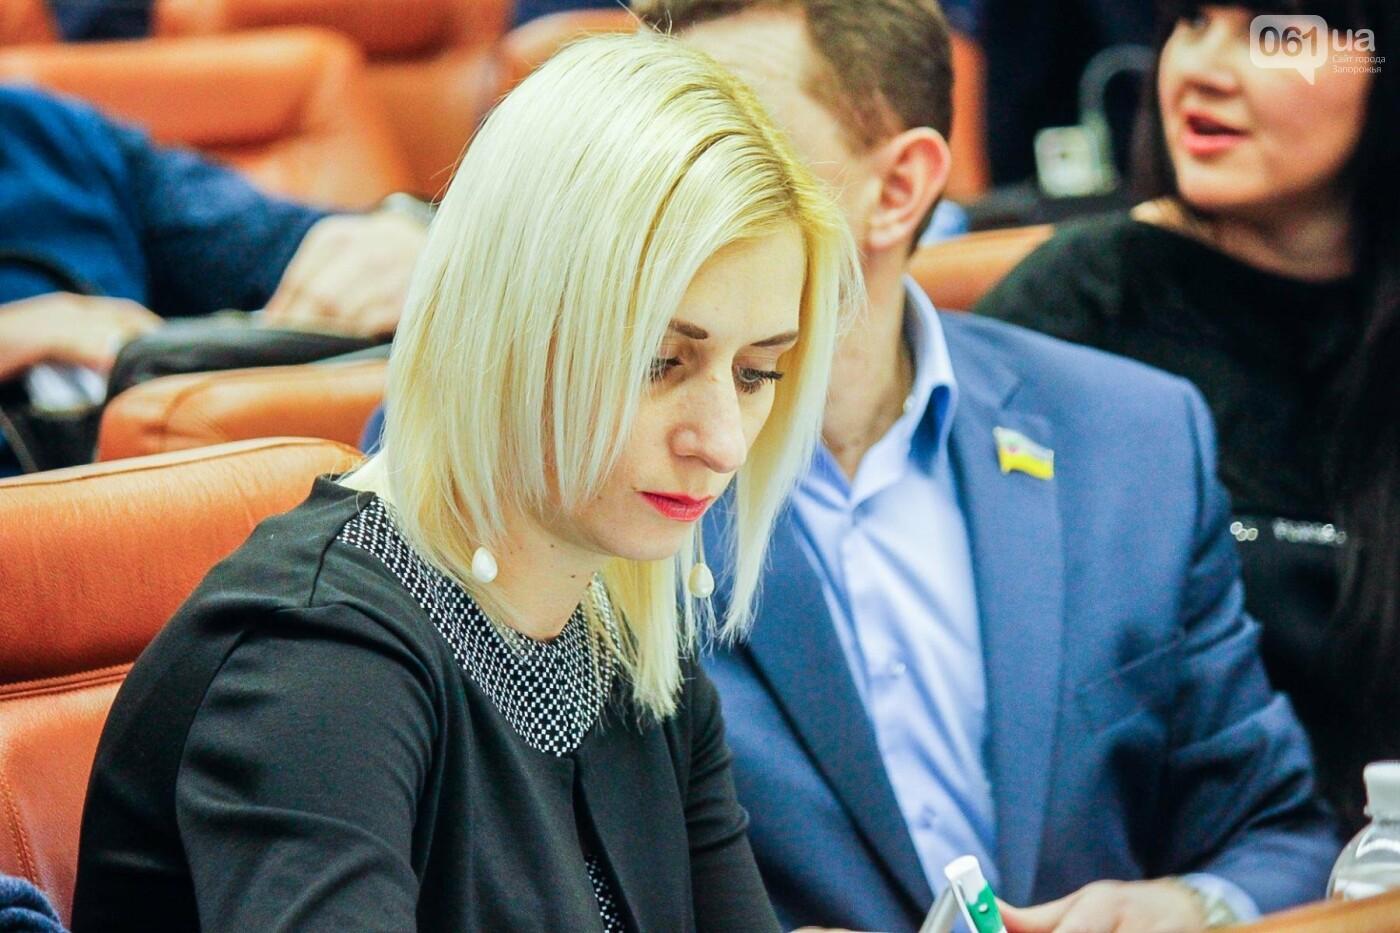 Сессия запорожского горсовета в лицах, - ФОТОРЕПОРТАЖ, фото-46